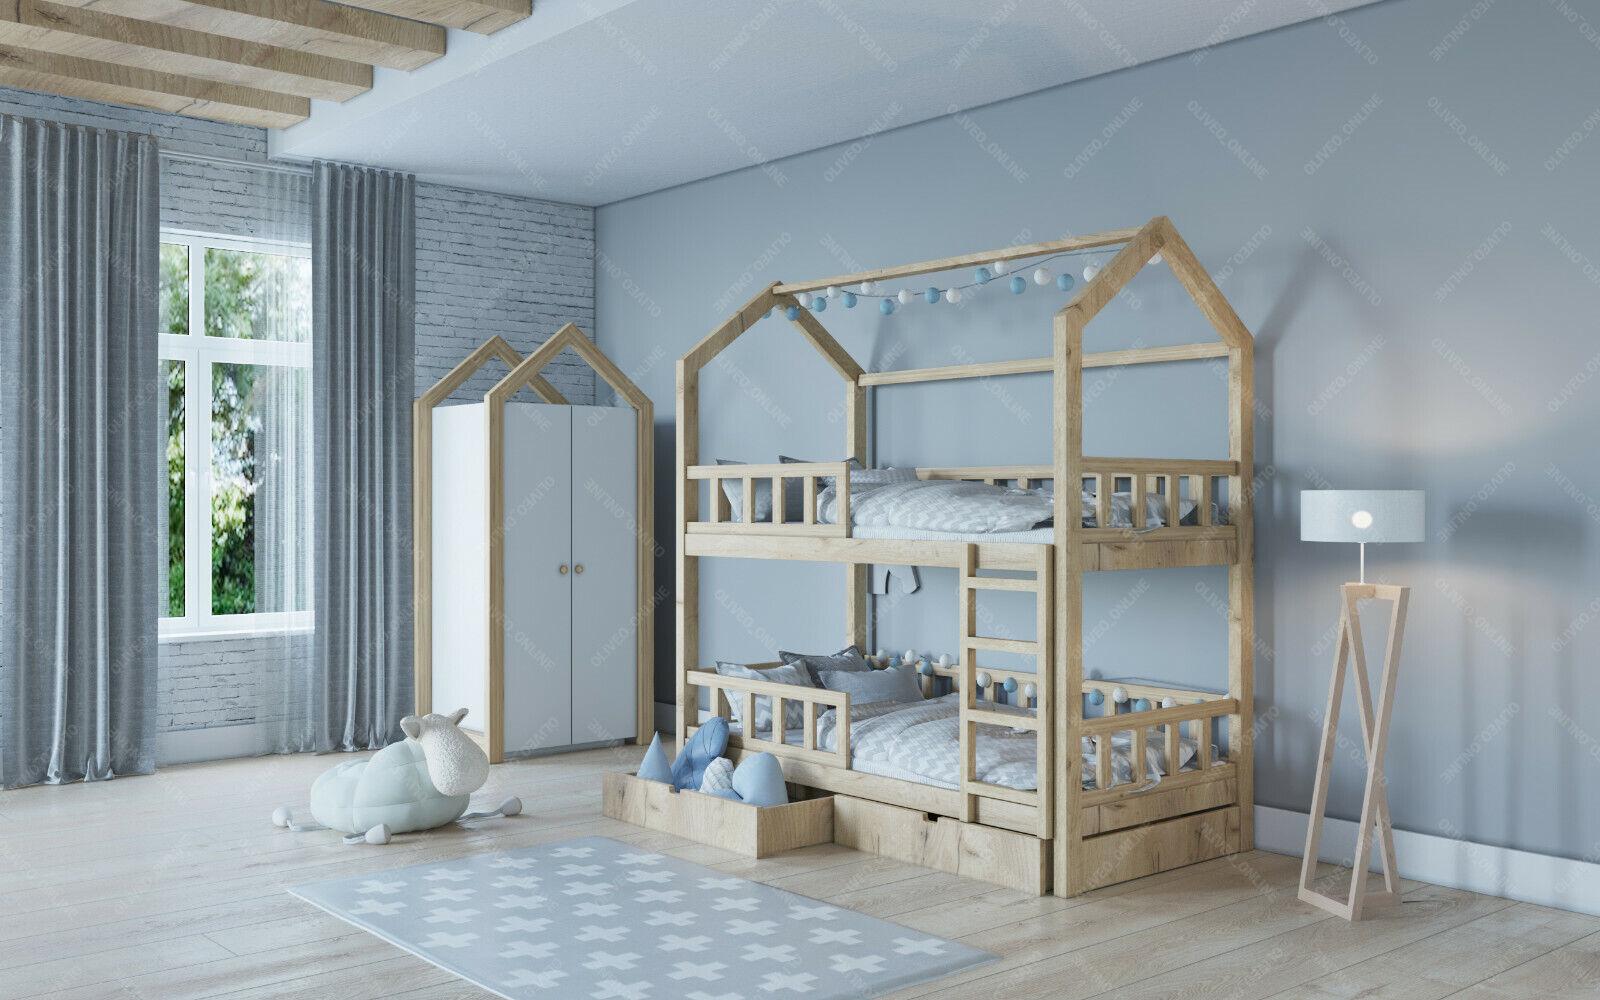 Kinderhaus, Lit pour enfants, lit bébé, lit bois, barrières de sécurité, Couleur